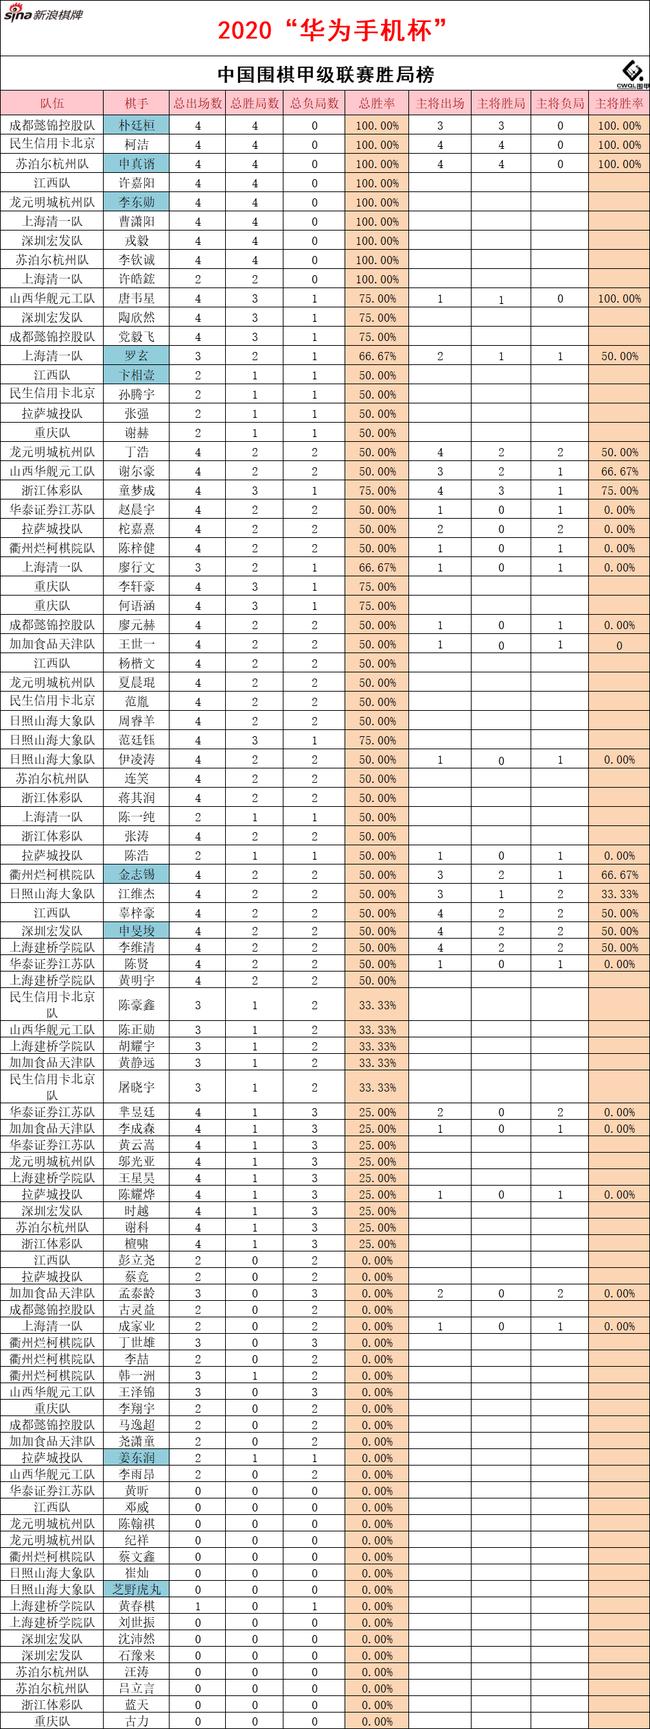 围甲联赛第4轮后胜局榜:柯朴申三人主将全胜